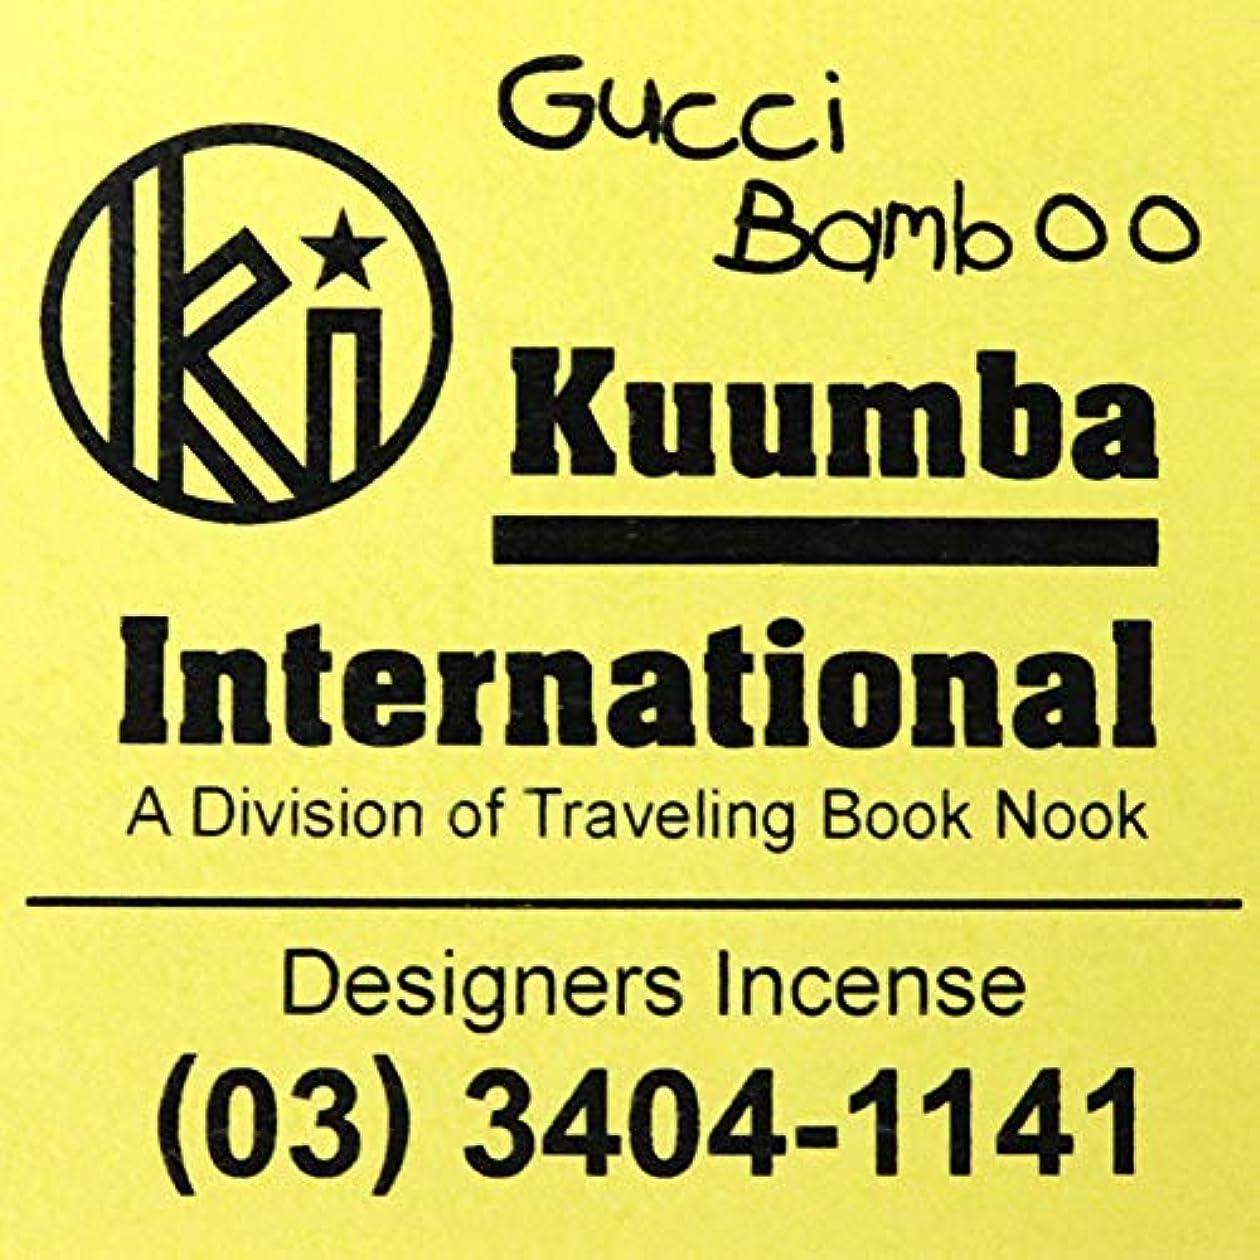 人間見るメイエラKUUMBA (クンバ)『incense』(GUCCI BAMBOO) (GUCCI BAMBOO, Regular size)